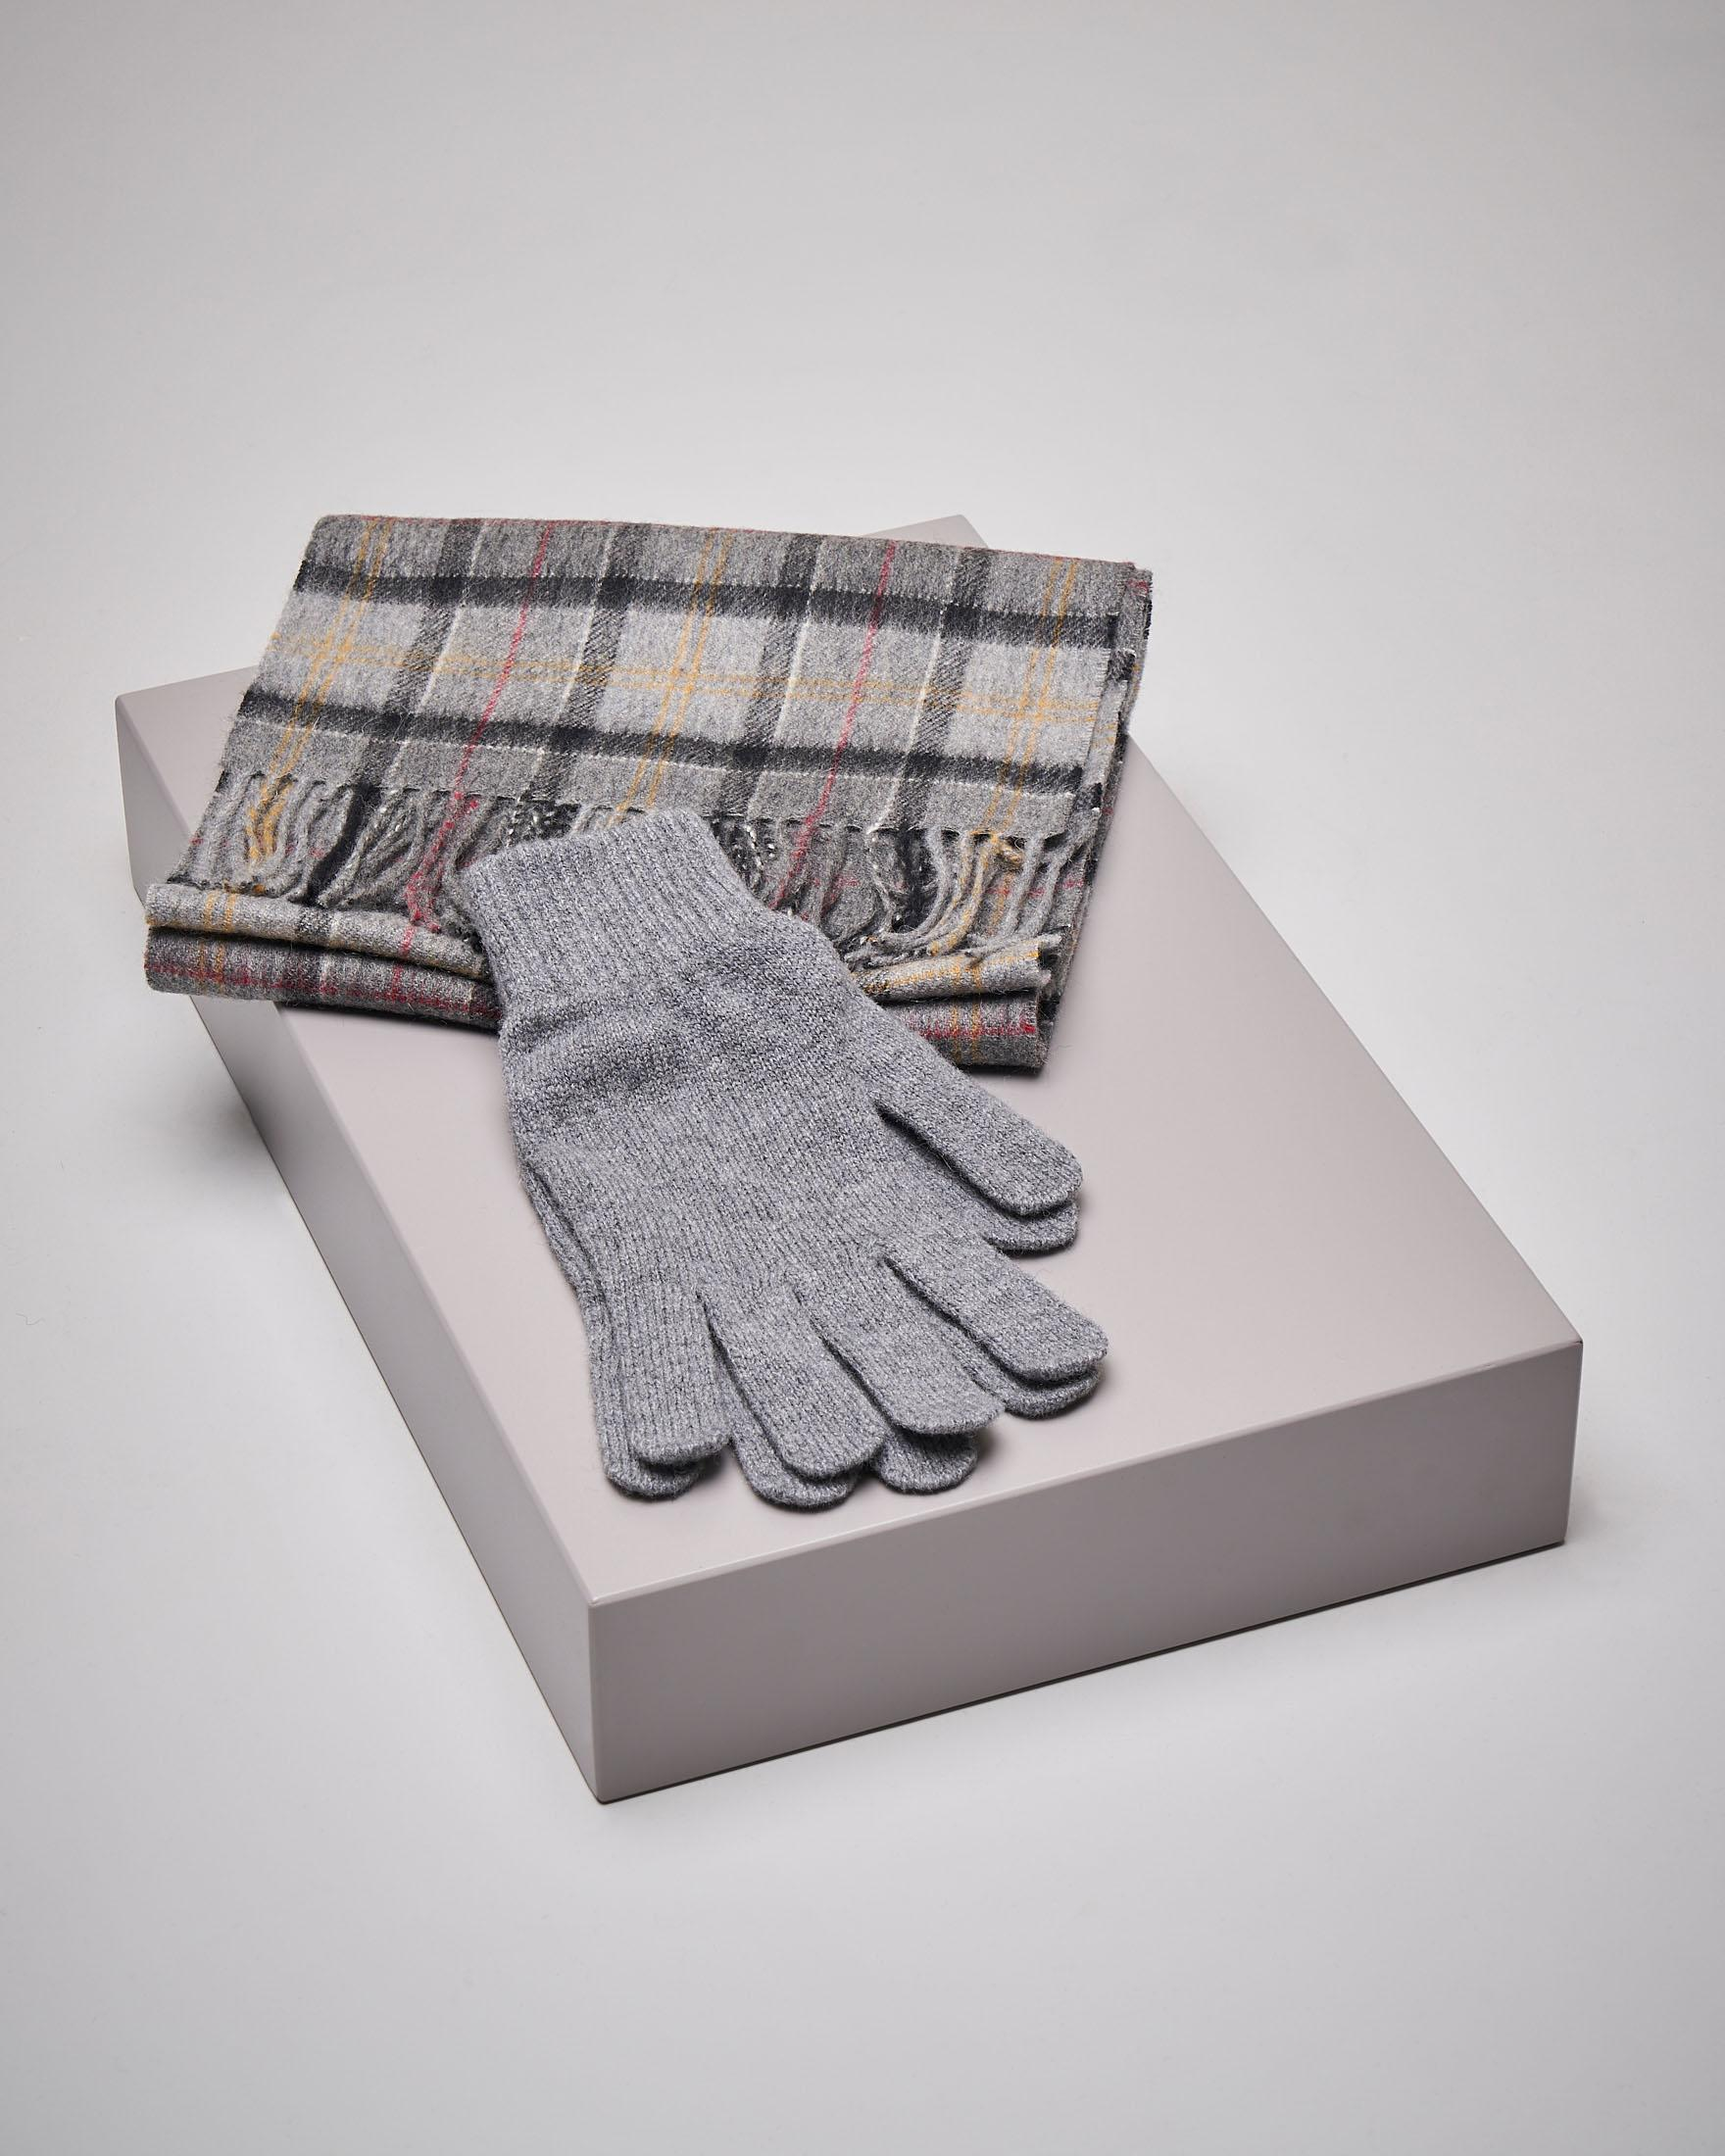 Sciarpa e guanti in lana in tartan check grigio